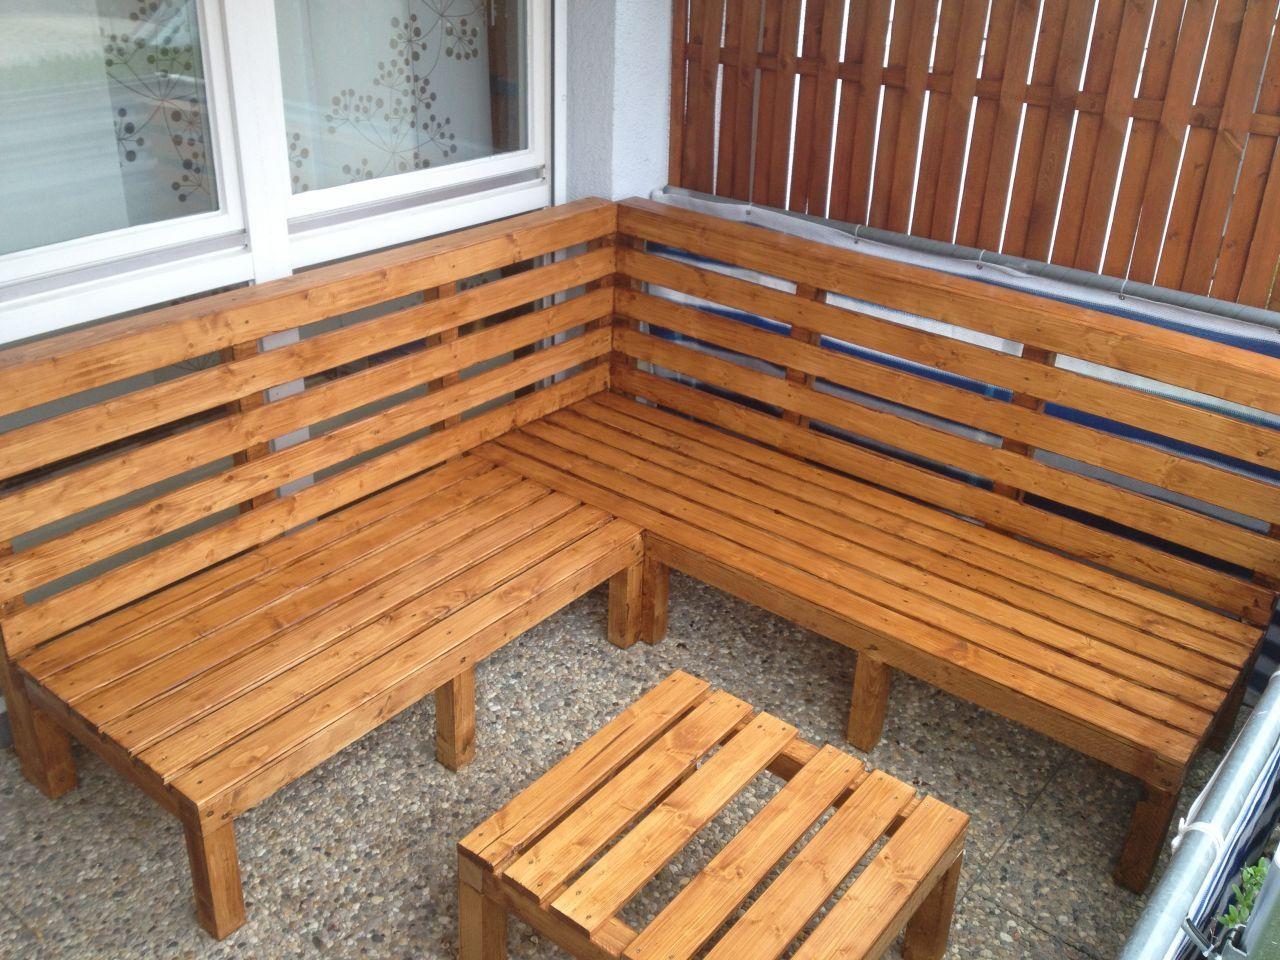 Outdoor Lounge Selber Bauen Bauanleitung Zum Selberbauen 1 2 Do Com Deine Heimwerker Com Selber Bauen Garten Balkon Selber Bauen Gartenmobel Selber Bauen